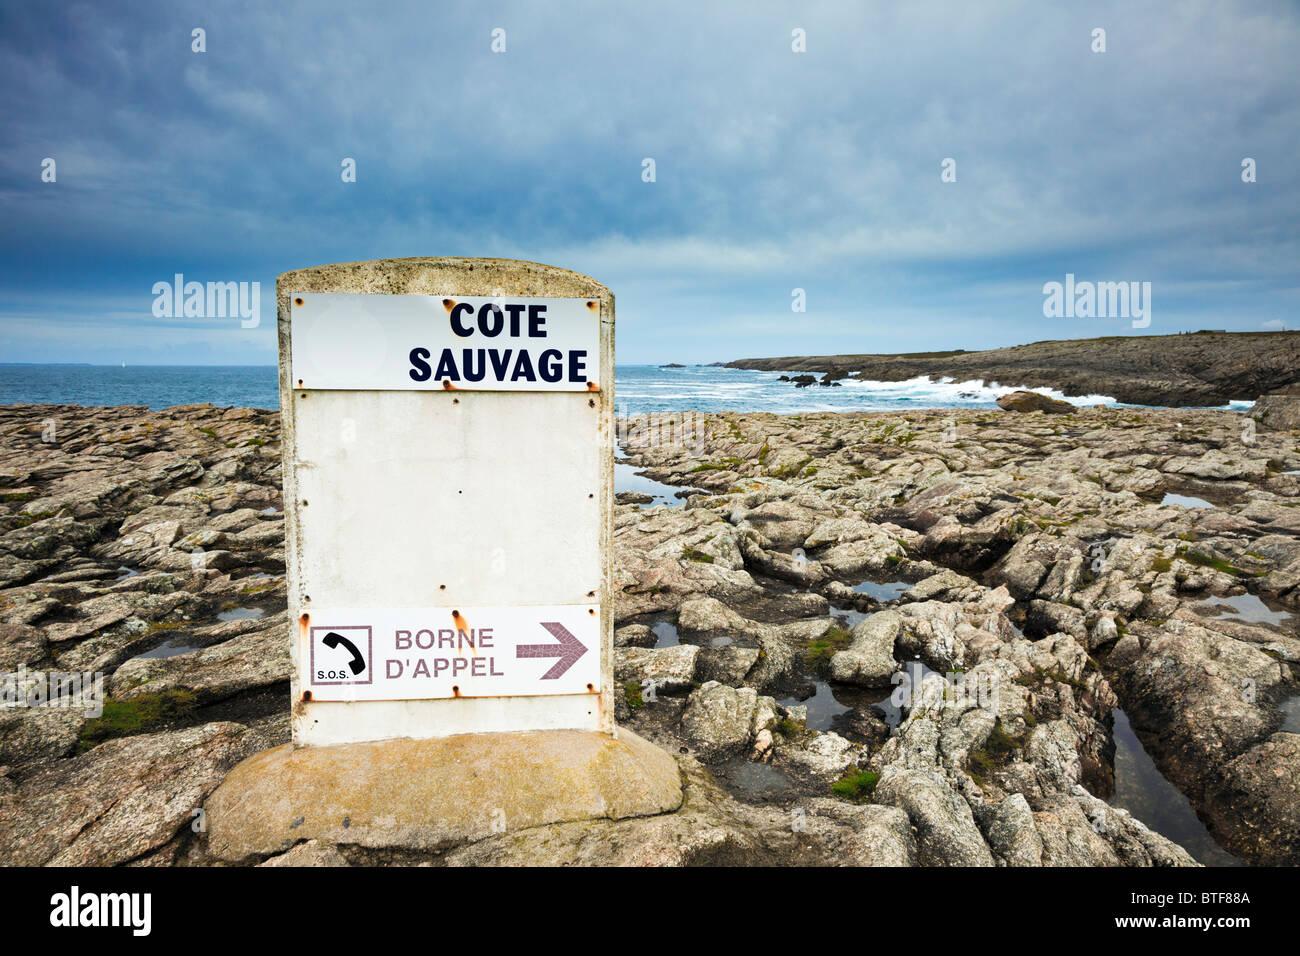 Sicurezza dell'acqua informazioni sulla Cote Sauvage, Morbihan, in Bretagna, in Francia, in Europa Immagini Stock